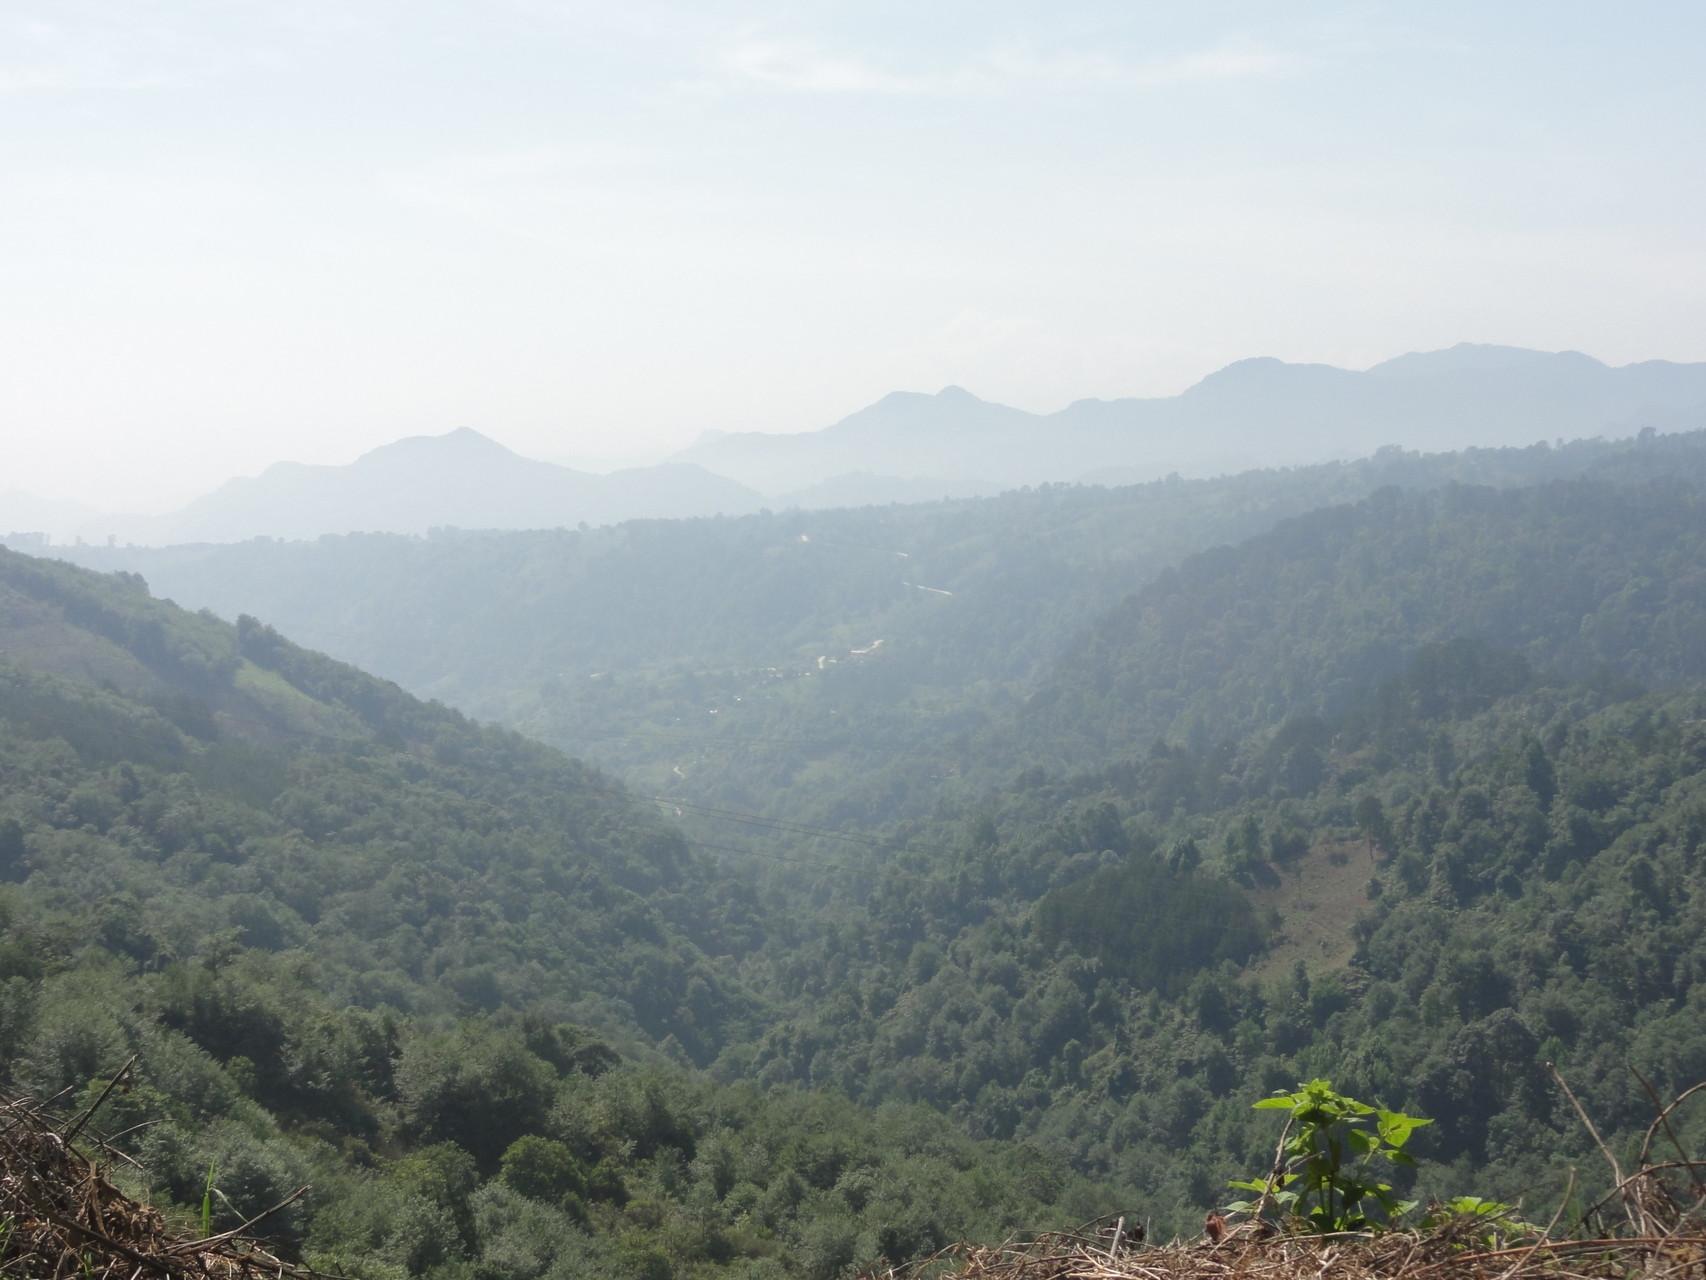 allá abajo está una de las zonas más virgenes y salvajes... San Lorenzo